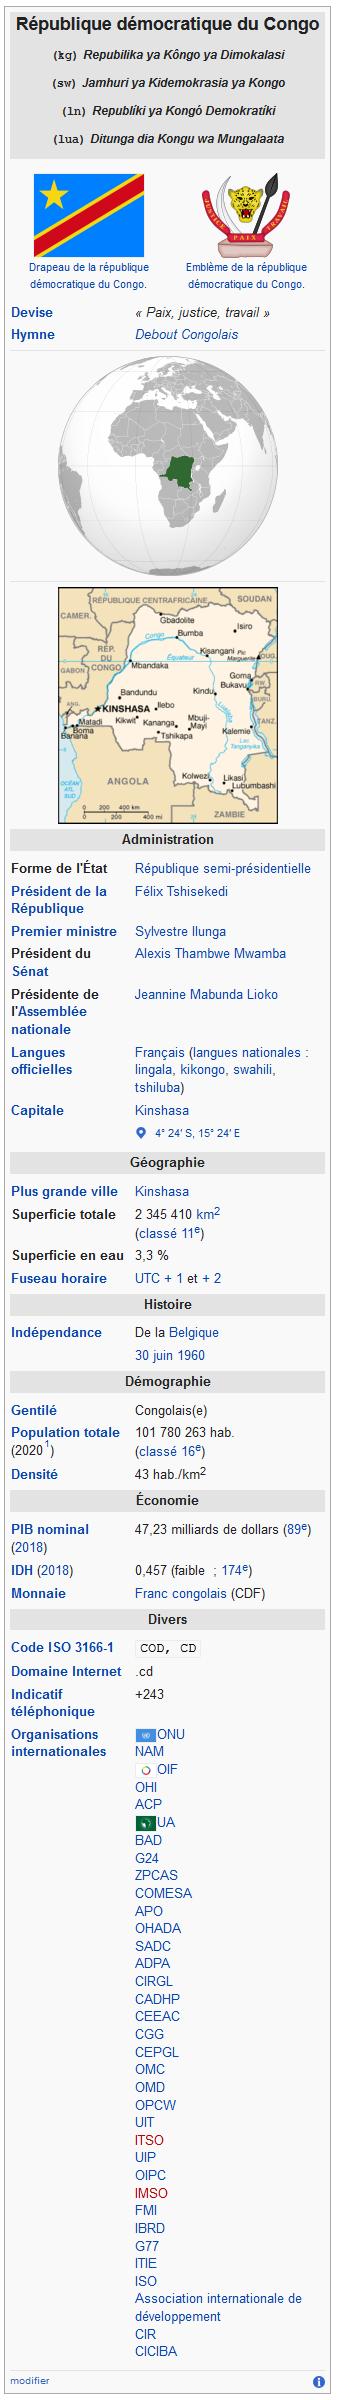 Screenshot_2020-05-05 République démocra